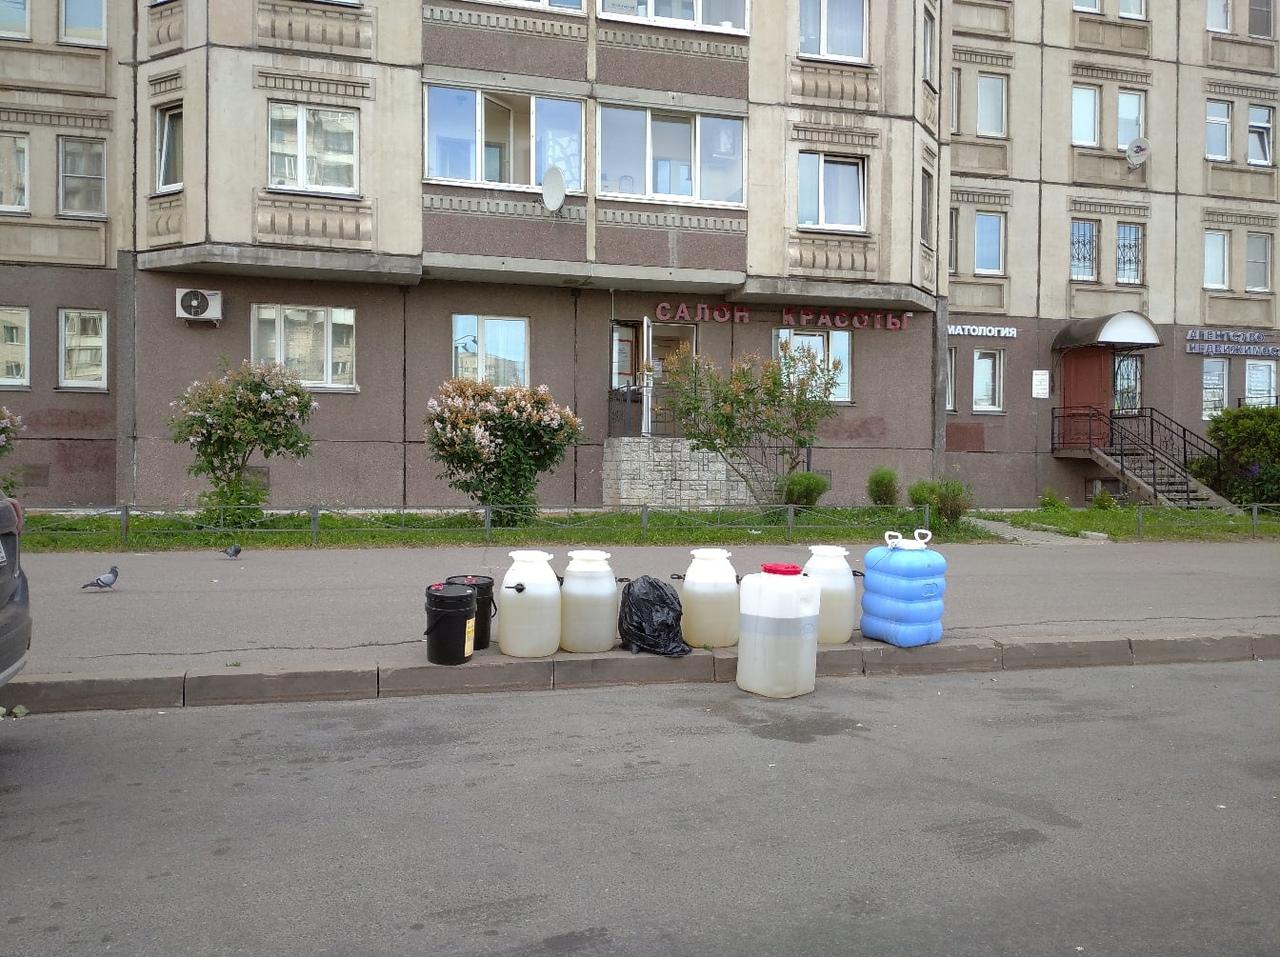 Напротив дома 48 корпус 1 по улице Наличной уже третий день стоят подозрительные бочки с неизвестным...